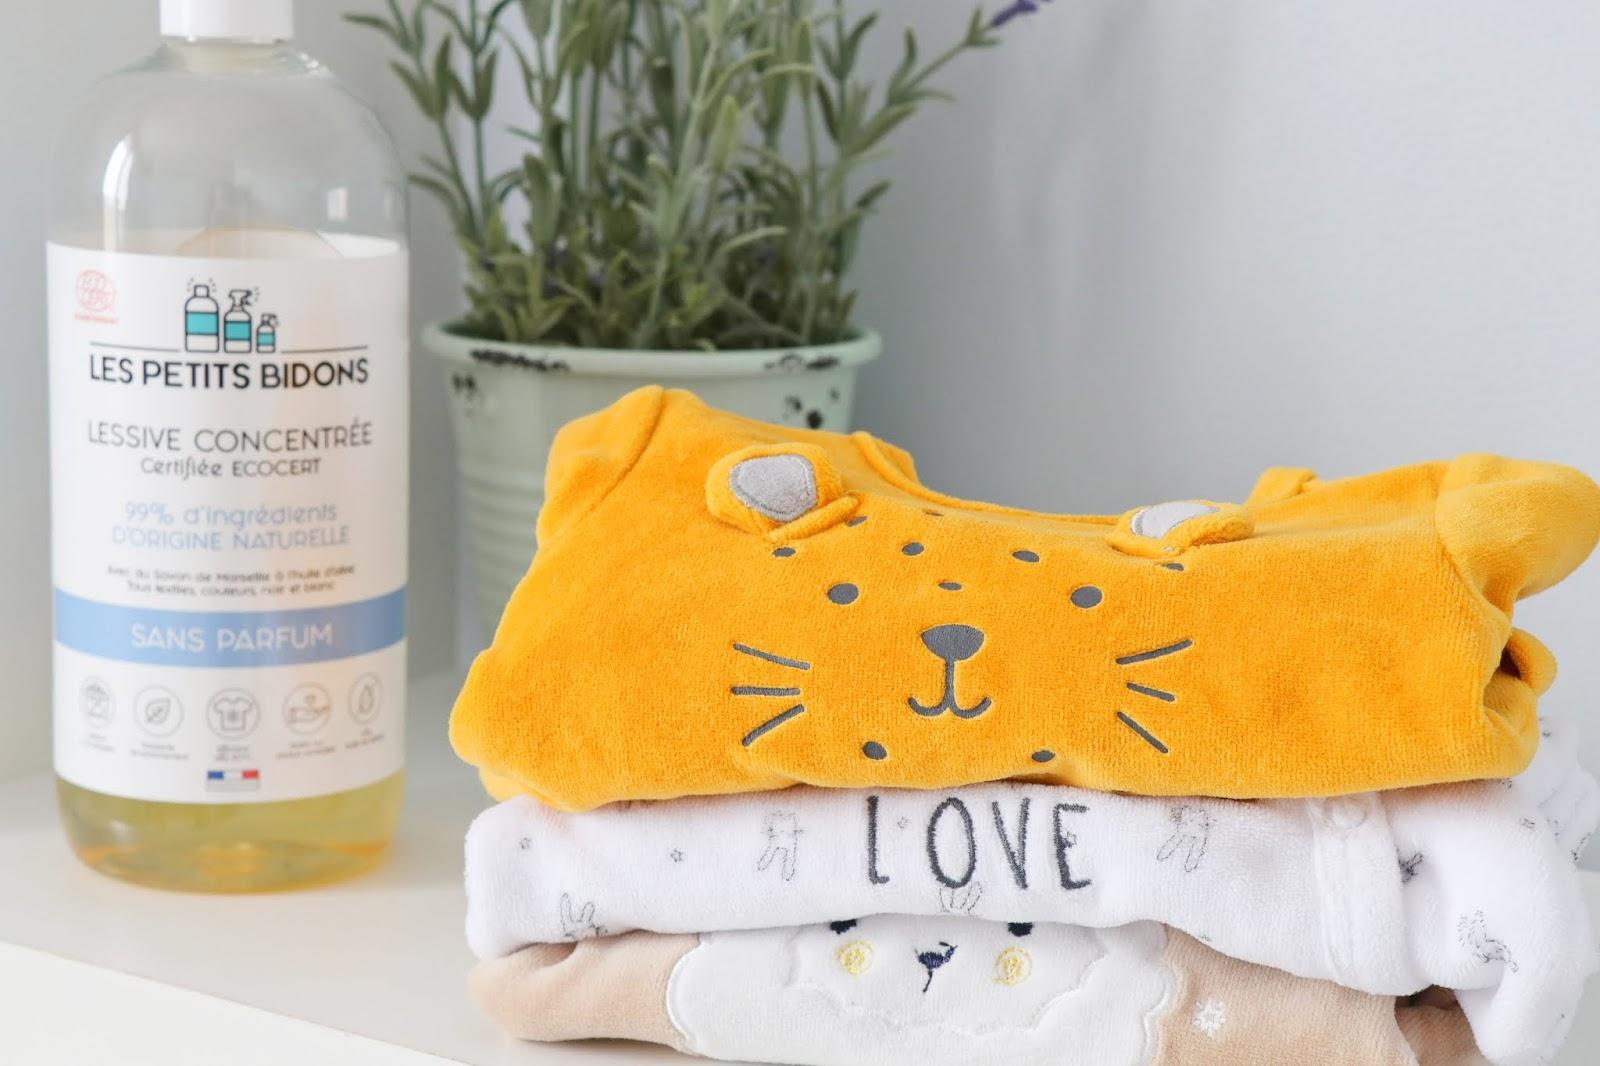 que mettre valise maternité maman bébé vêtements taille quantité soin trousseau naissance les gommettes de melo pyjama kiabi lessive les petits bidons bio